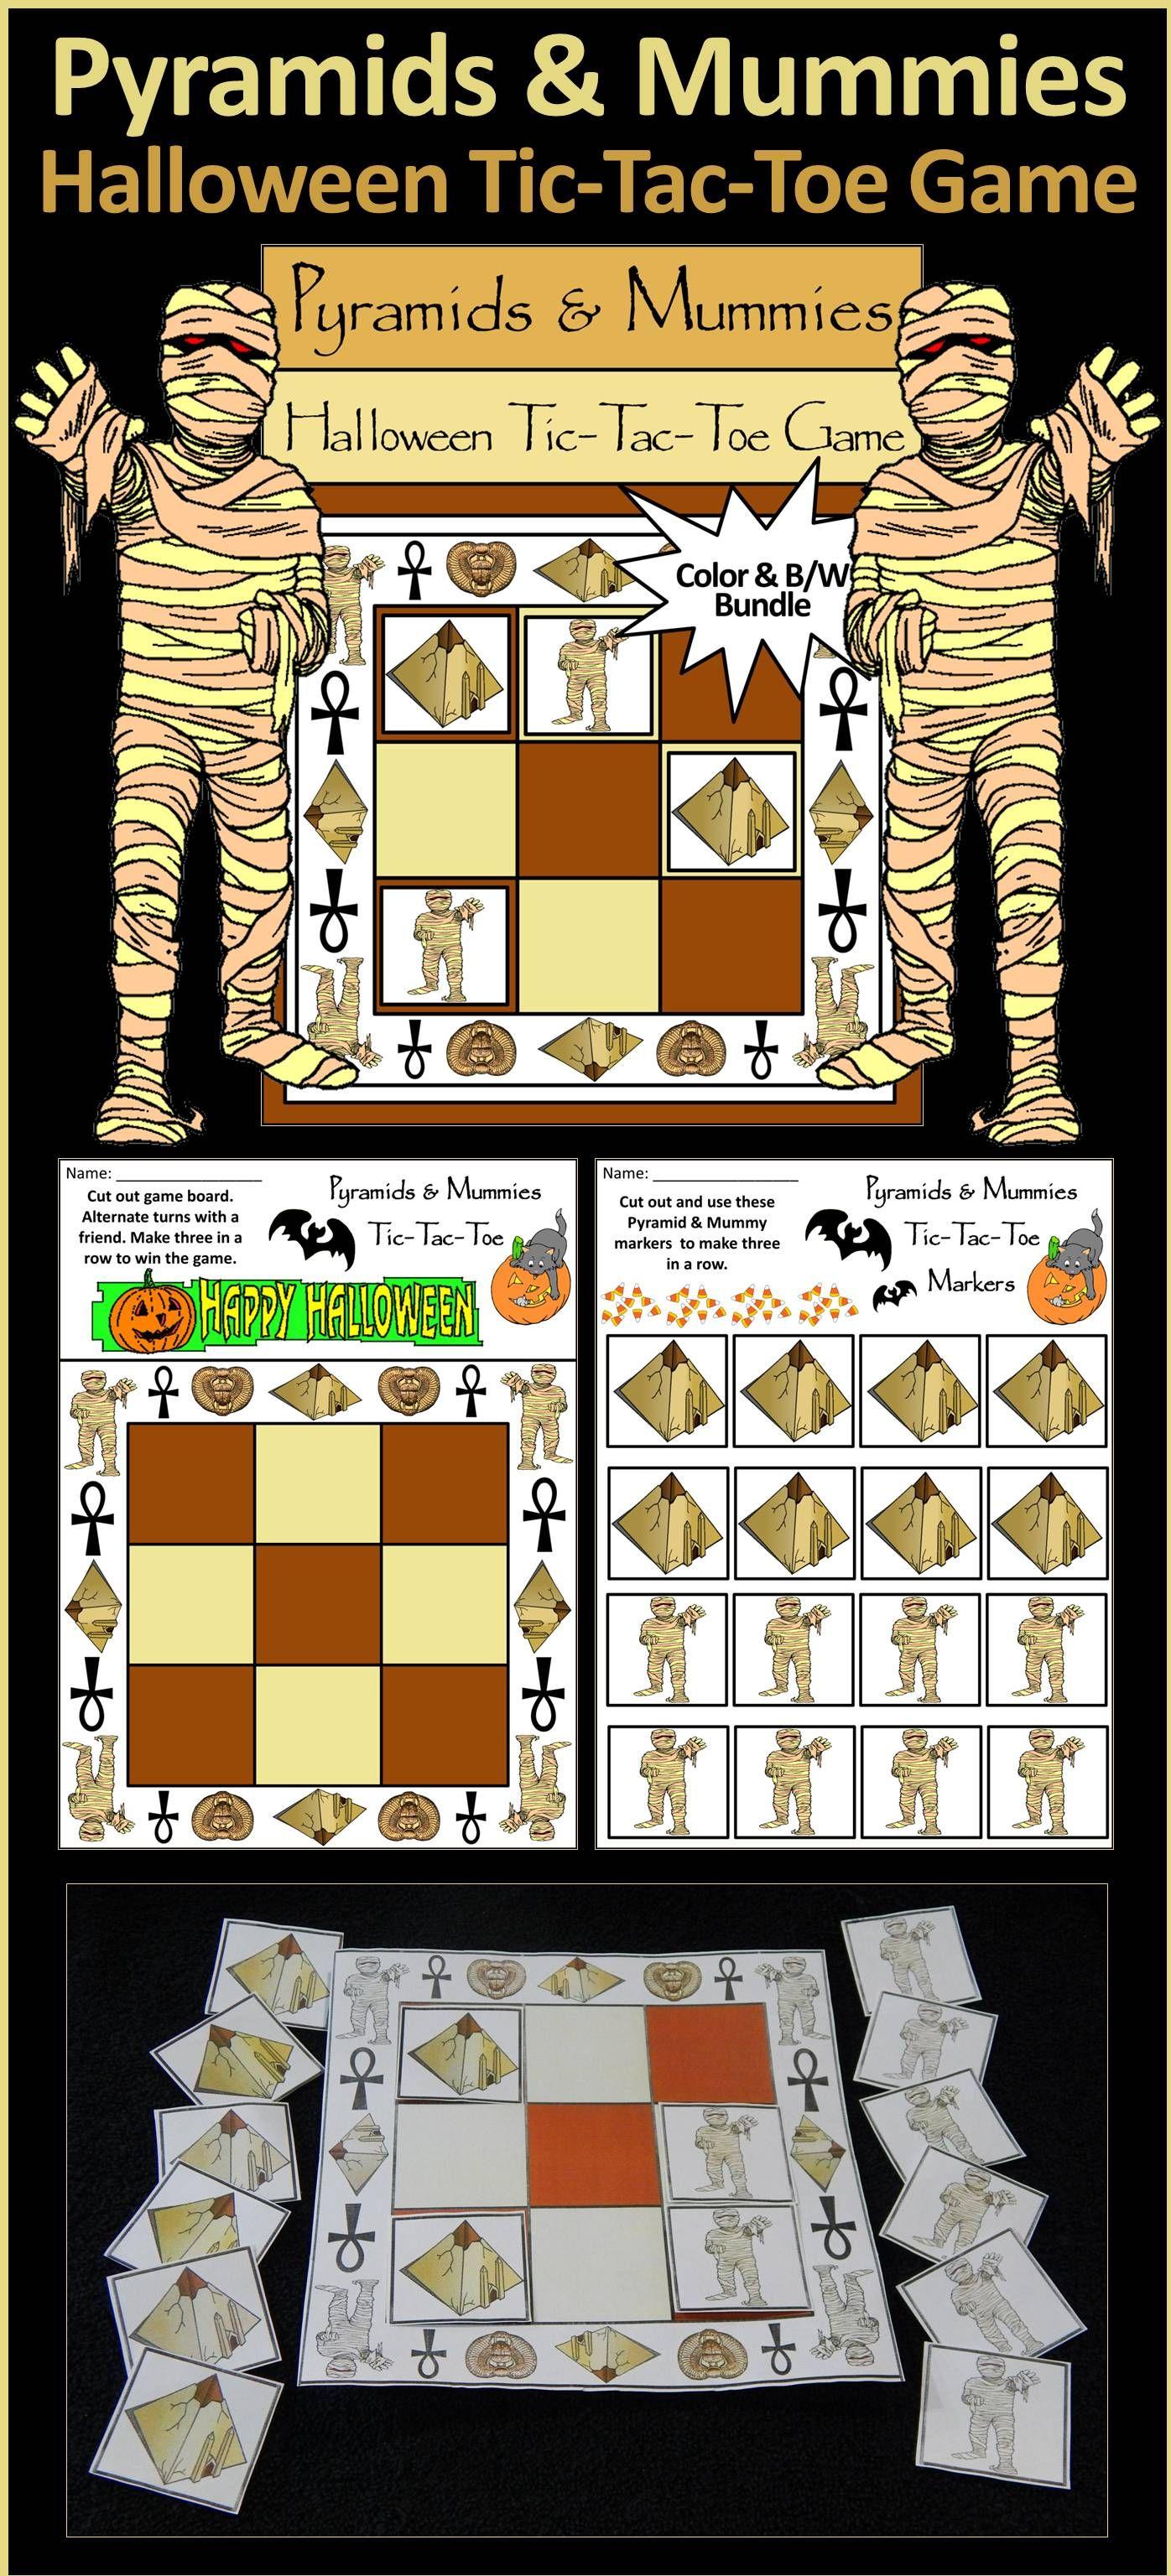 Halloween Activities Pyramids Amp Mummies Tic Tac Toe Game Activity Bundle